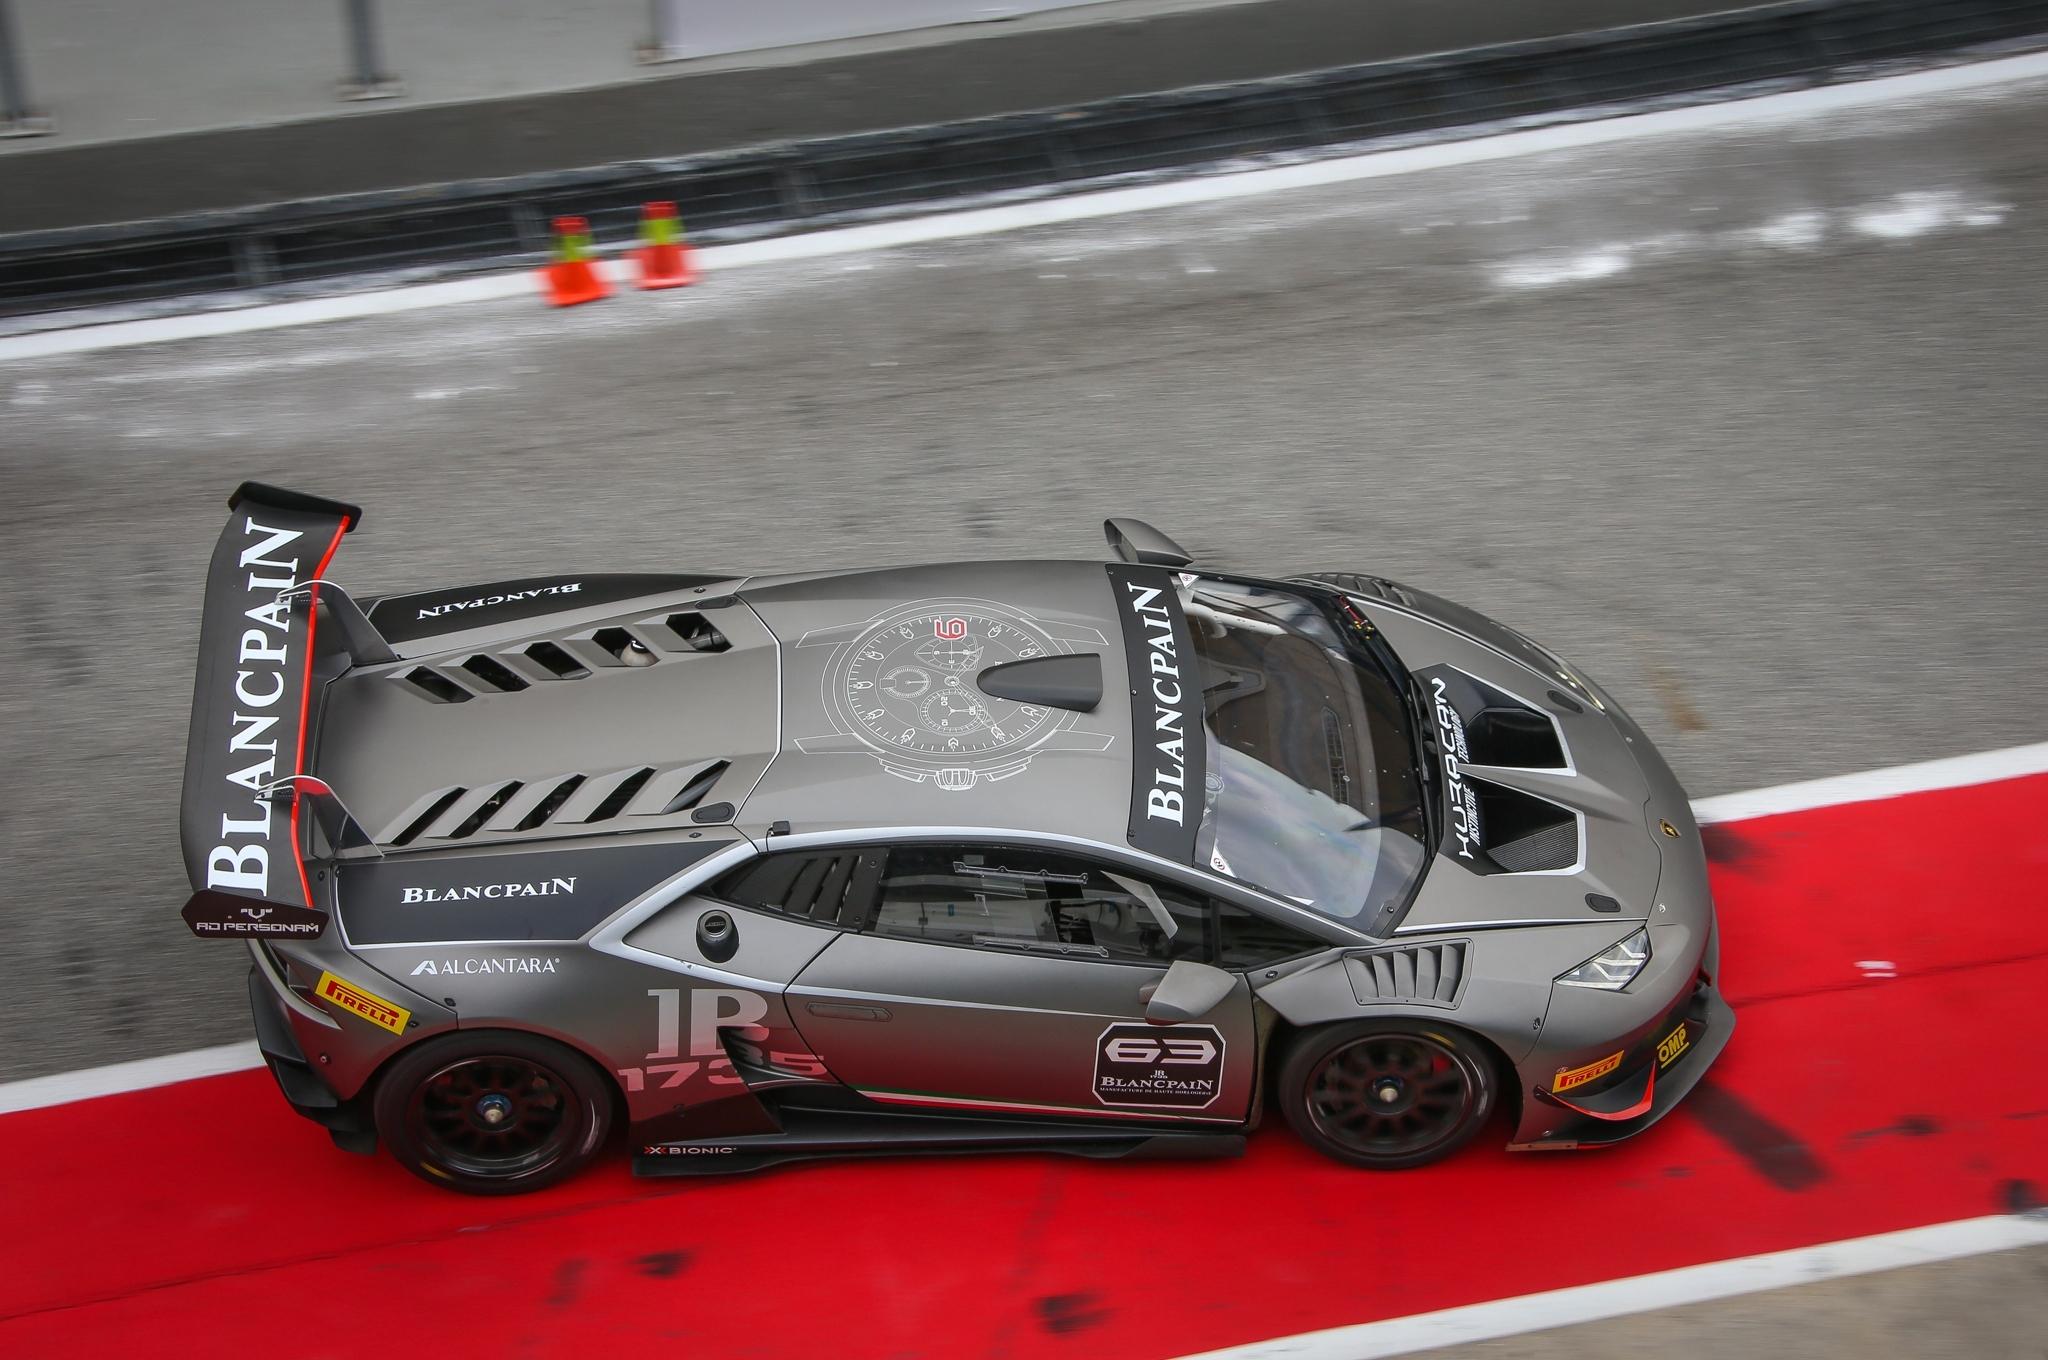 lamborghini huracn lp620 2 super trofeo un espectacular carro de competicin